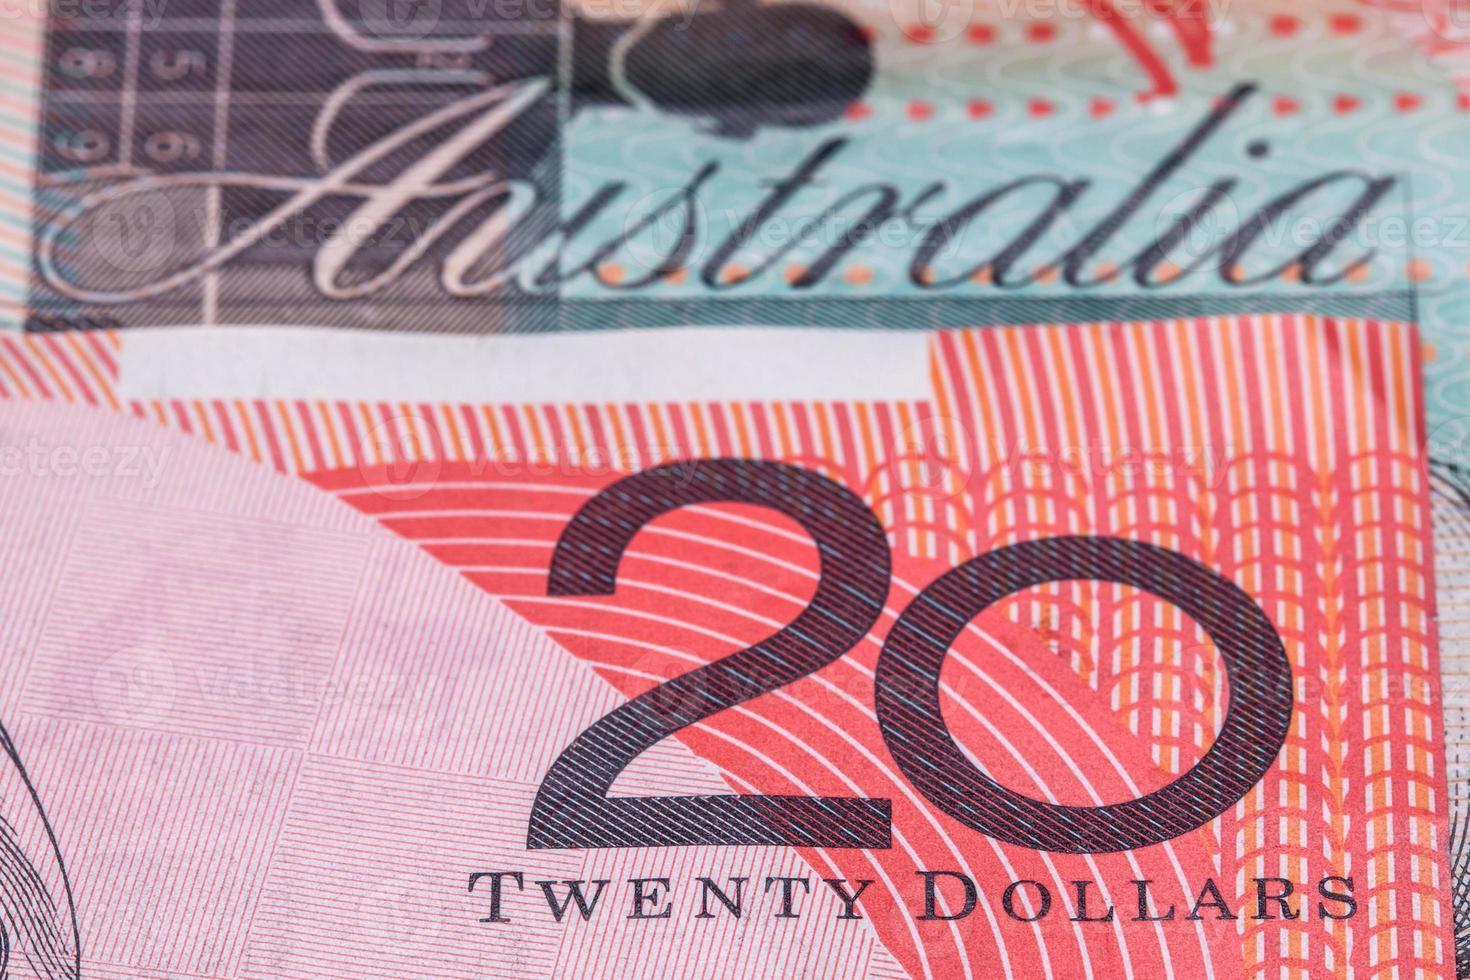 banconote da venti dollari australiani ($ 20) foto